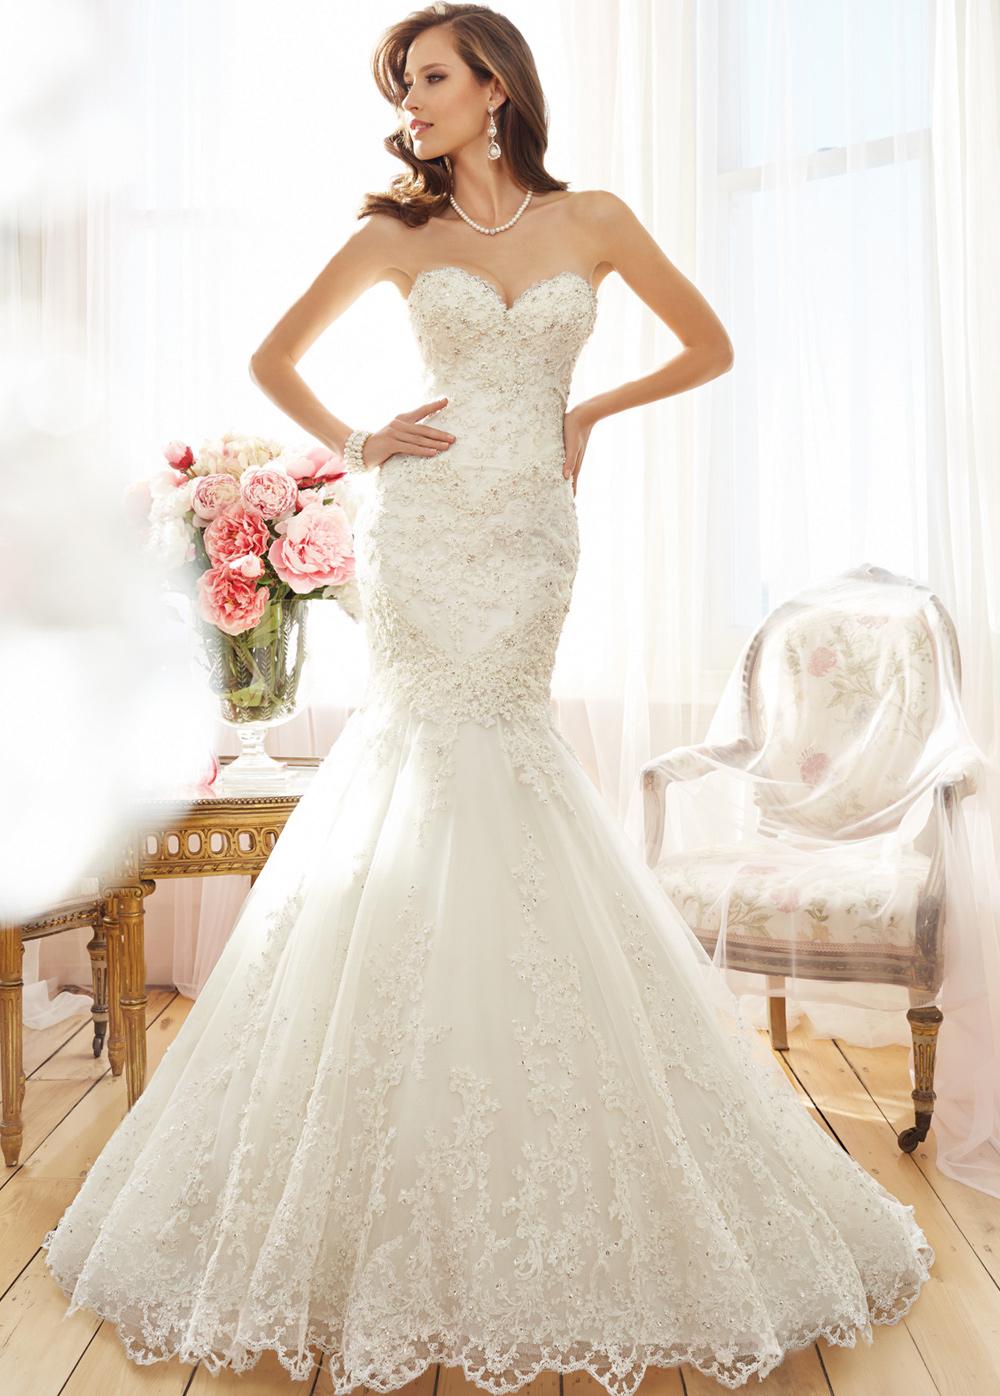 59b984c16 Vestido de novia Natural Escote Corazón Apliques Corte Sirena primavera -  Página 1 ...